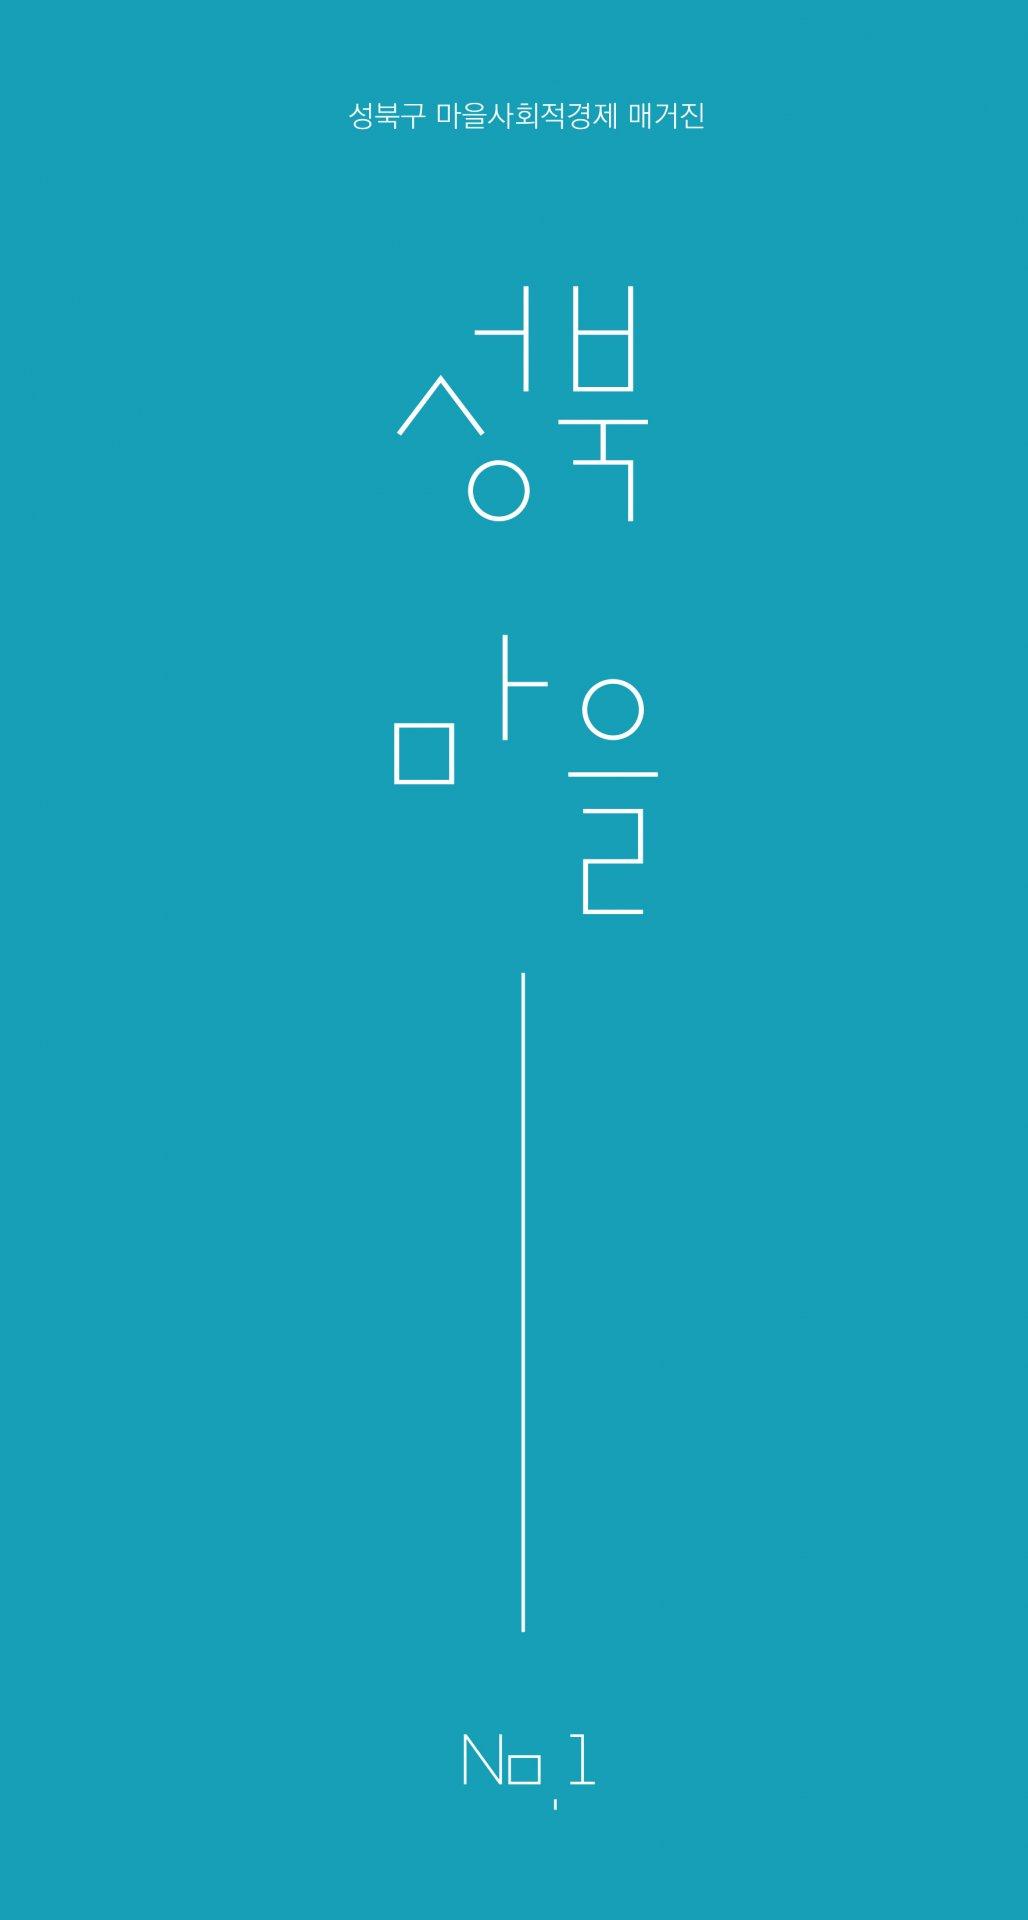 성북구마을사회적경제매거진 성북마을 제 1호 표지